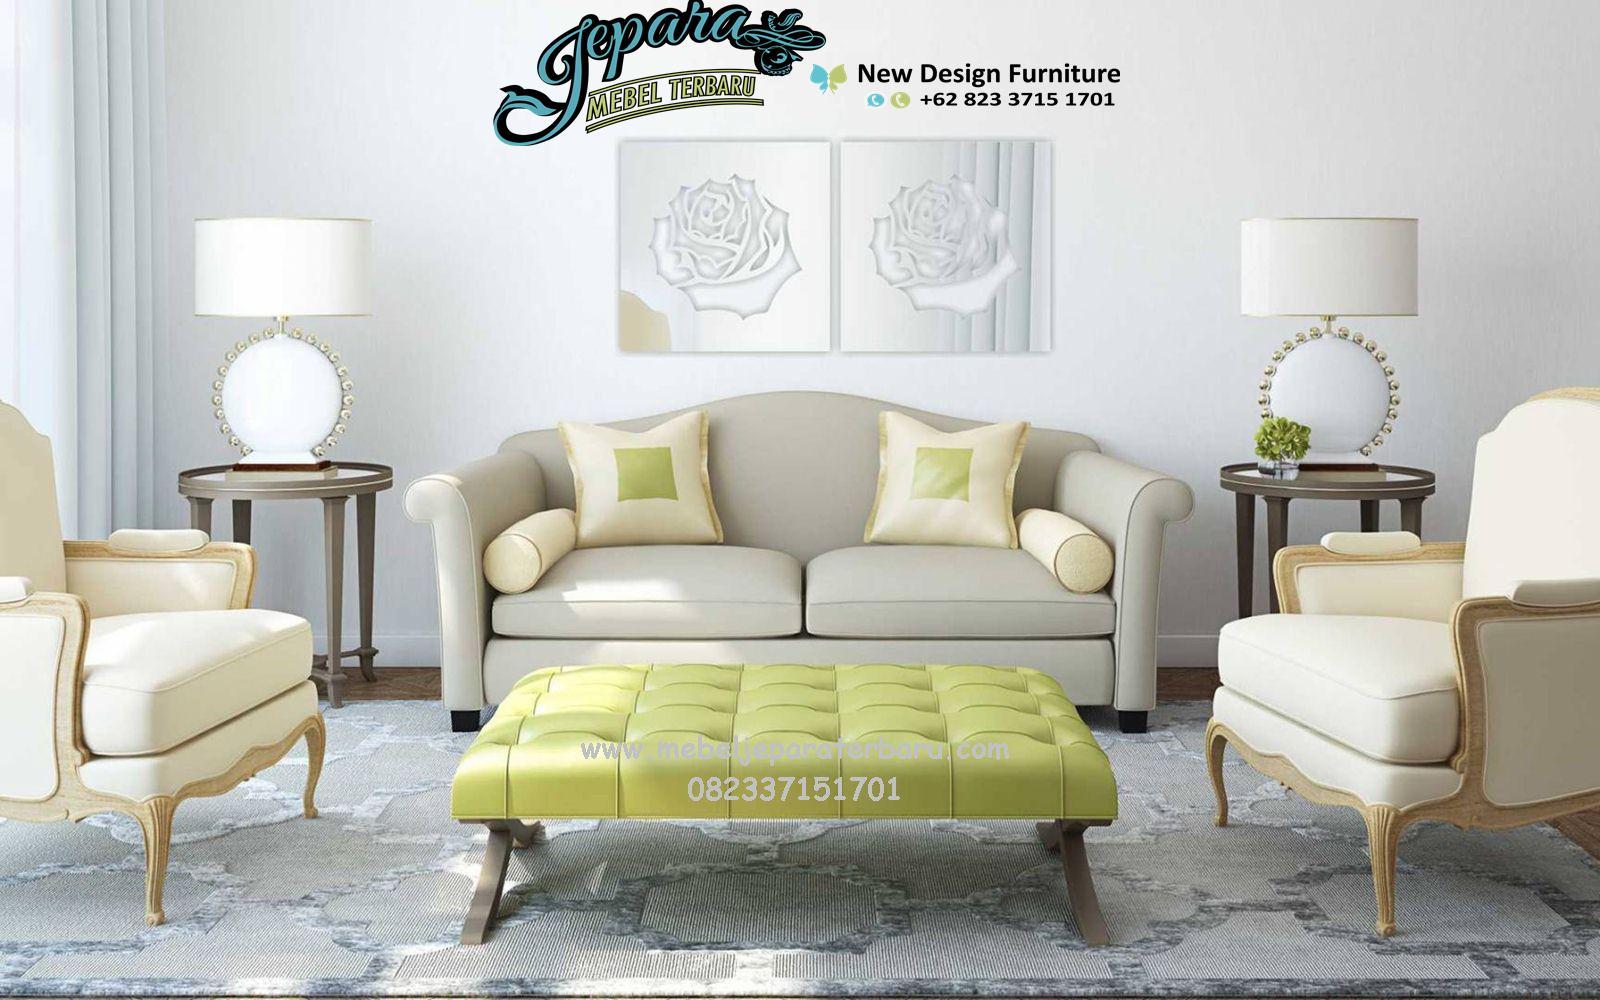 mebel jepara terbaru set kursi sofa ruang tamu sst-065,sofa tamu terbaru klasik,kursi tamu terbaru klasik,jual set sofa tamu mewah klasik,harga sofa tamu mewah klasik,model sofa tamu mewah klasik,jual set sofa tamu terbaru klasik,harga sofa tamu terbaru klasik,model sofa tamu terbaru klasik,sofa tamu ukir klasik,kursi tamu ukir klasik,jual set sofa tamu ukir klasik,harga sofa tamu ukir klasik,model sofa tamu ukir klasik,sofa tamu modern mewah,kursi tamu modern mewah,jual set sofa tamu modern mewah,harga sofa tamu modern mewah,model sofa tamu modern mewah,sofa tamu jati mewah,kursi tamu jati mewah,jual set sofa tamu jati mewah,harga sofa tamu jati mewah,model sofa tamu jati mewah,sofa tamu jepara mewah,kursi tamu jepara mewah,jual set sofa tamu jepara mewah,harga sofa tamu jepara mewah,model sofa tamu jepara mewah,sofa tamu kayu mewah,kursi tamu kayu mewah,jual set sofa tamu kayu mewah,harga sofa tamu kayu mewah,model sofa tamu kayu mewah,sofa tamu klasik mewah,kursi tamu klasik mewah,jual set sofa tamu klasik mewah,harga sofa tamu klasik mewah,model sofa tamu klasik mewah,sofa tamu mewah klasik,kursi tamu mewah klasik,sofa tamu minimalis klasik,kursi tamu minimalis klasik,jual set sofa tamu minimalis klasik,harga sofa tamu minimalis klasik,model sofa tamu minimalis klasik